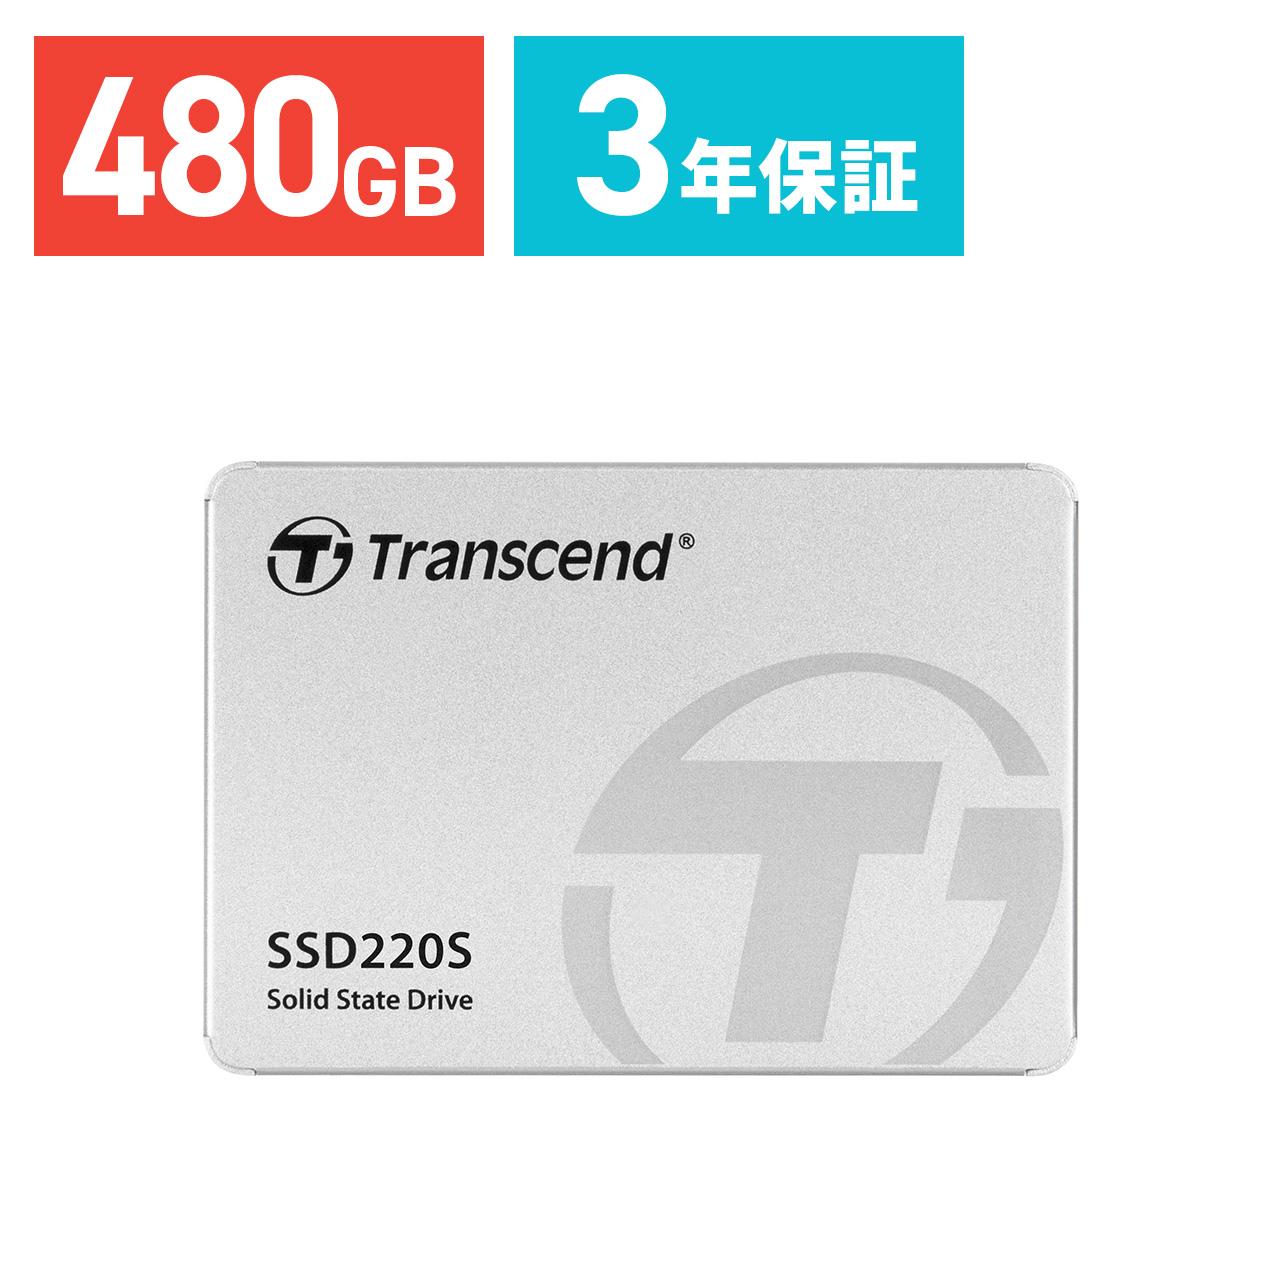 【店内全品ポイント5倍~7/21(土)1:59まで】Transcend SSD 2.5インチ 480GB SATA-III対応 6Gb/s[TS480GSSD220S]【送料無料】